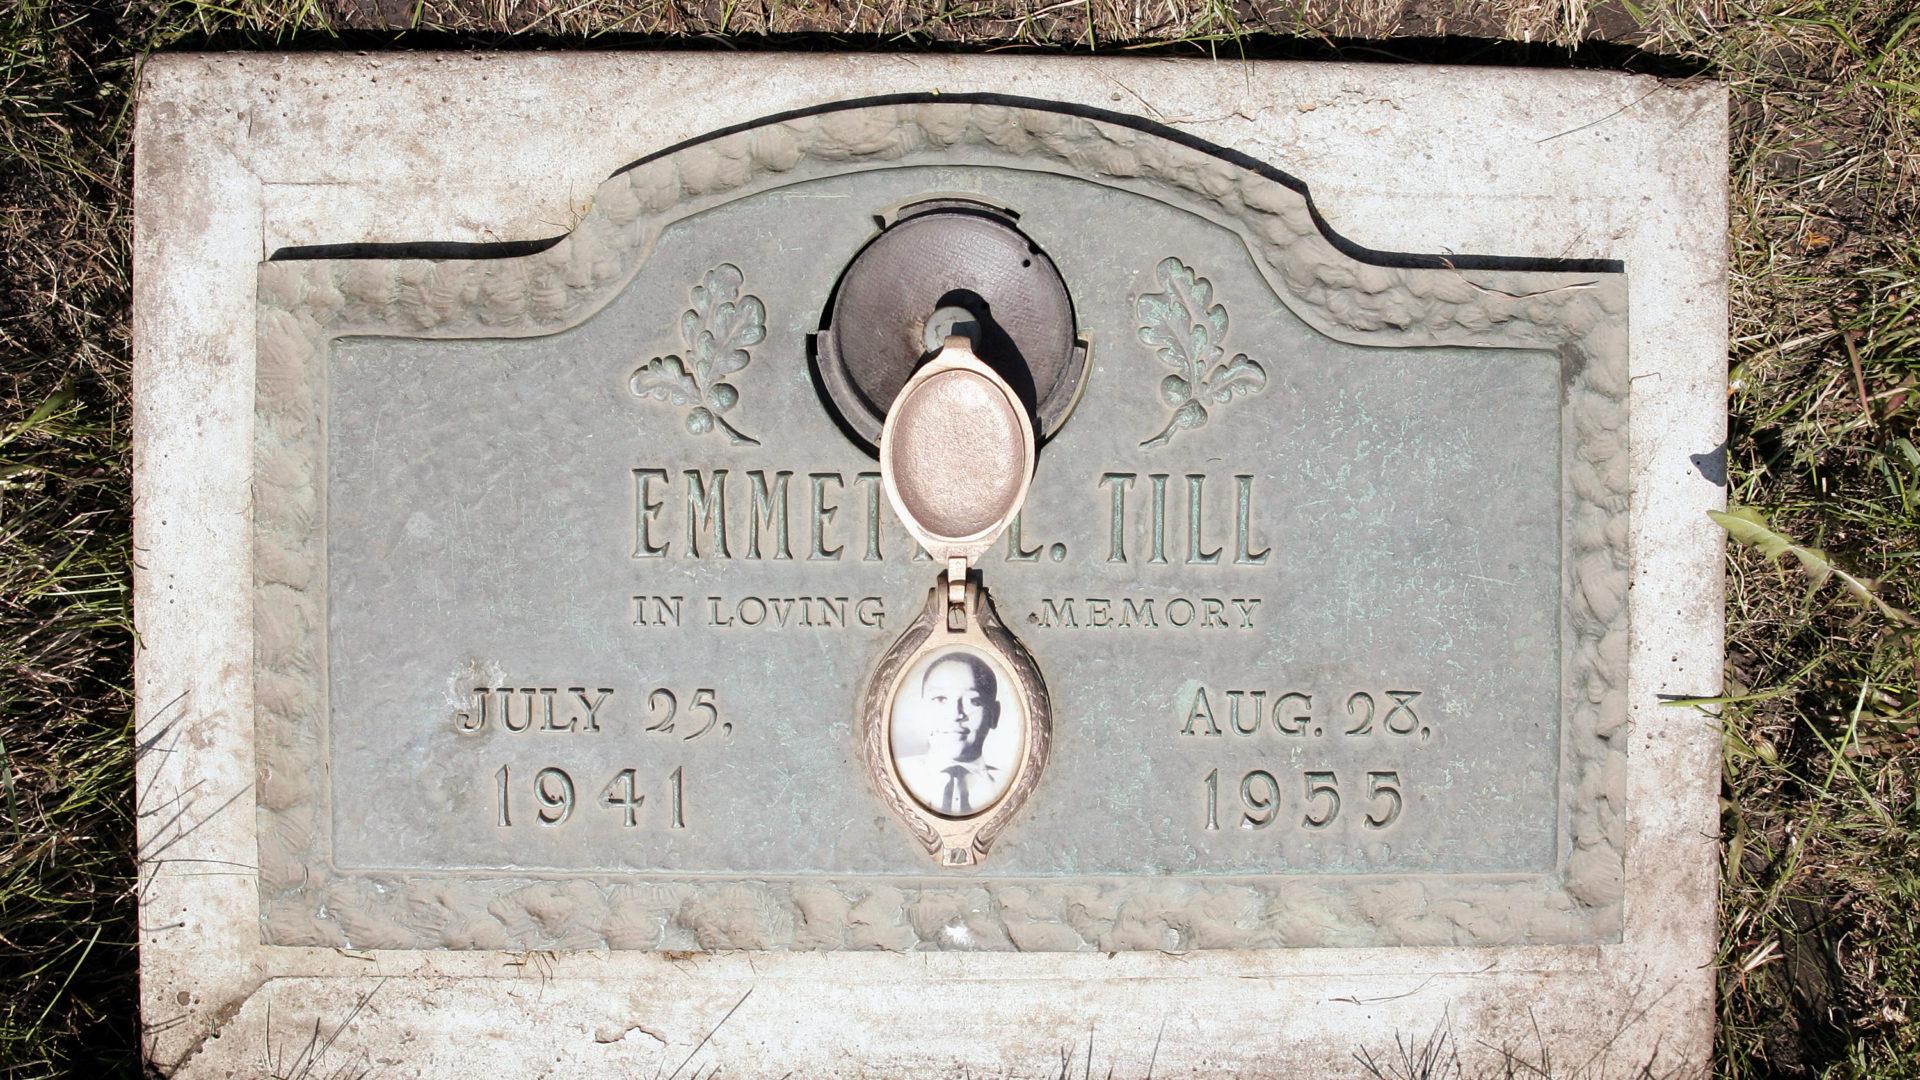 Emmett Till Grave.jpg